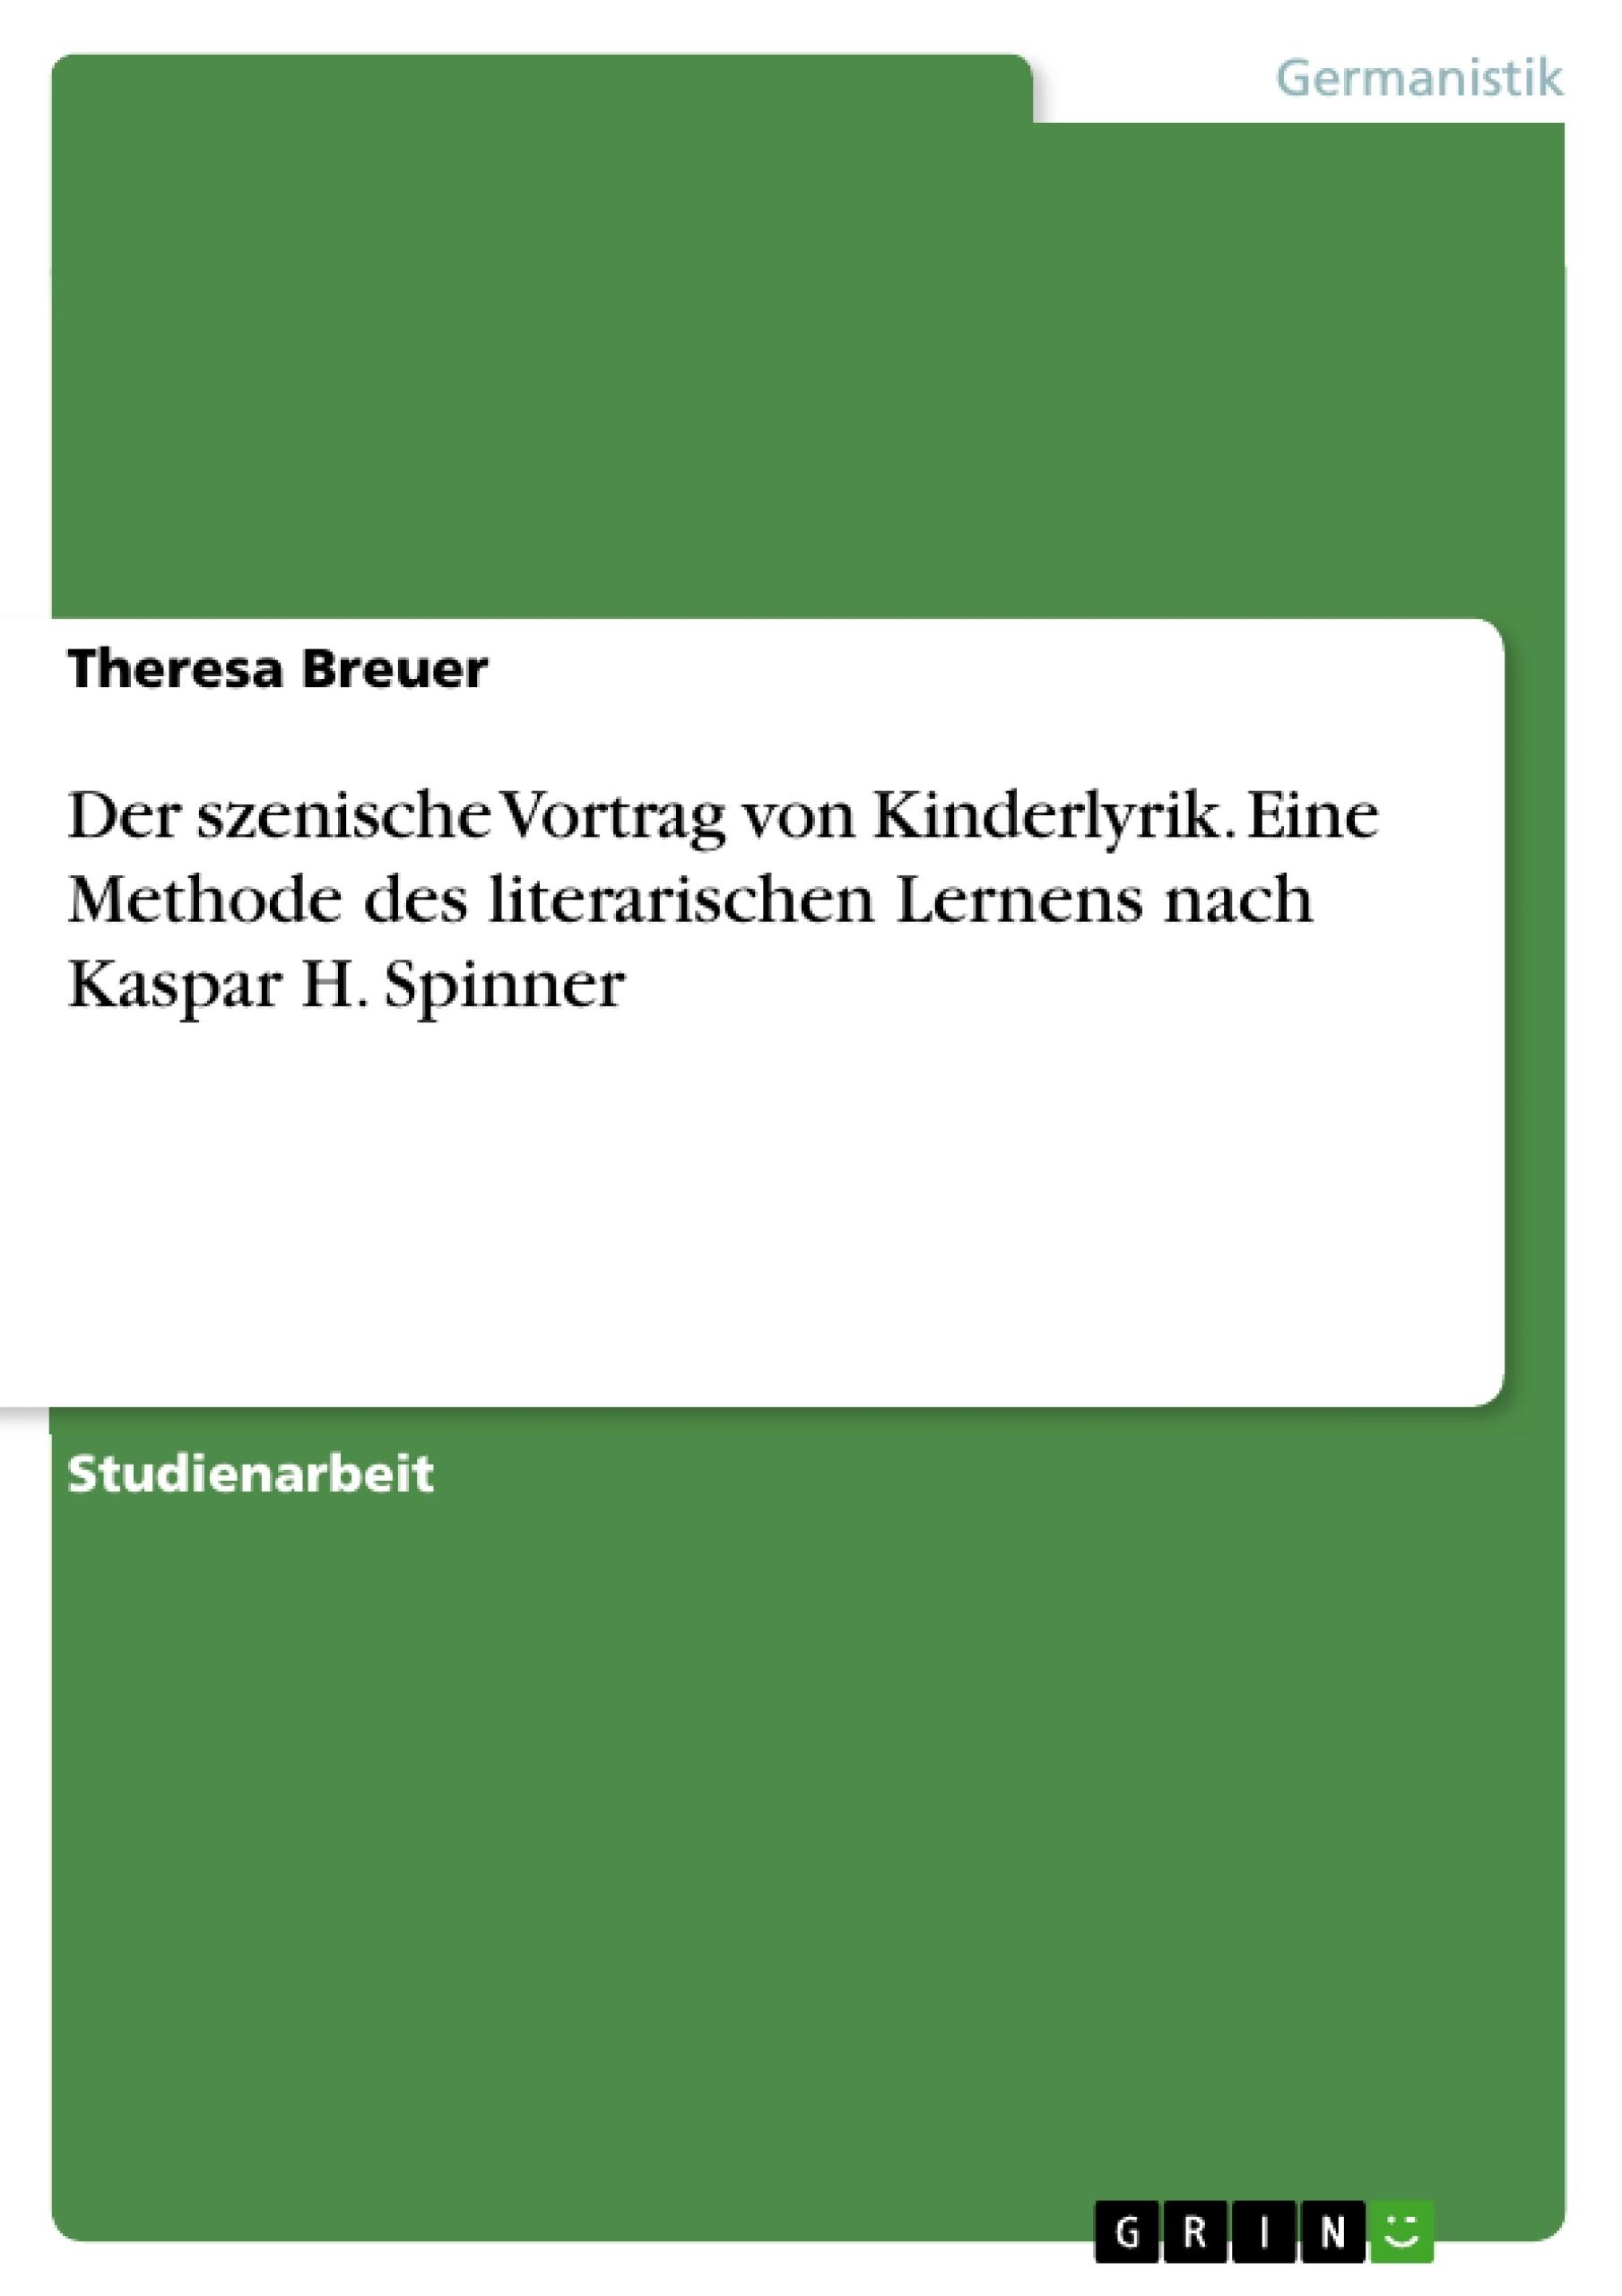 Titel: Der szenische Vortrag von Kinderlyrik. Eine Methode des literarischen Lernens nach Kaspar H. Spinner